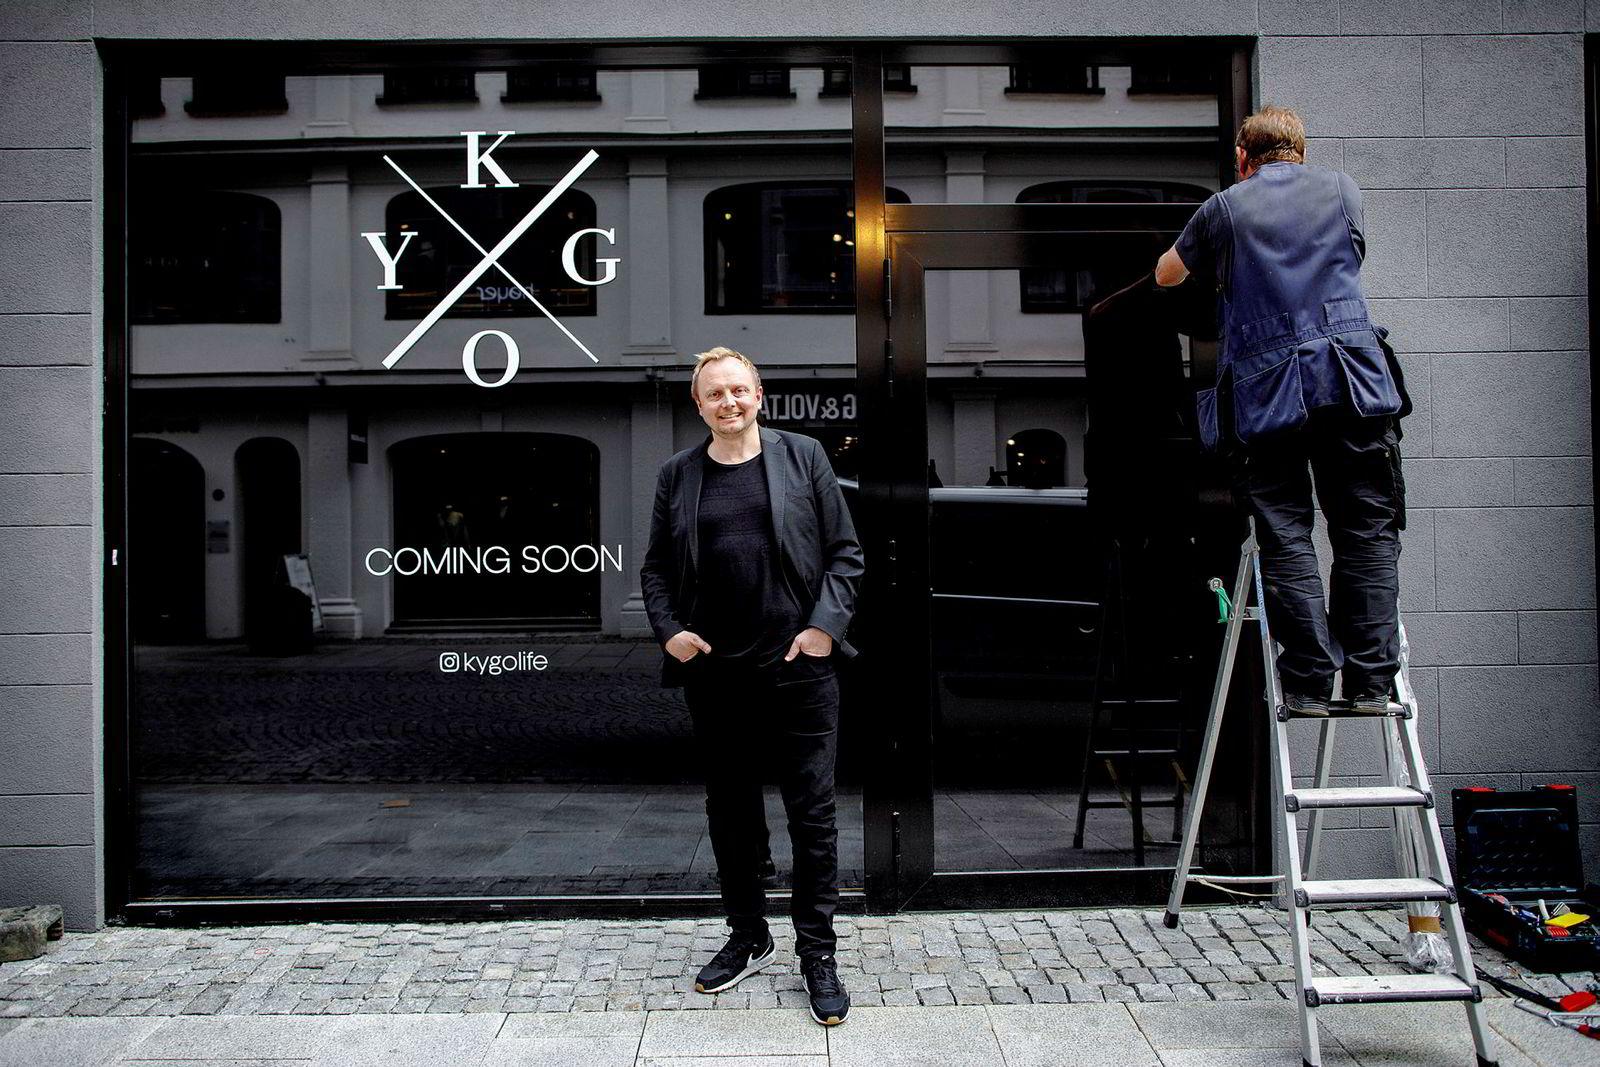 Daglig leder Jon Inge Gullikstad utenfor Kygo Lifes første butikk i Øvre Slottsgate 20 i Oslo.